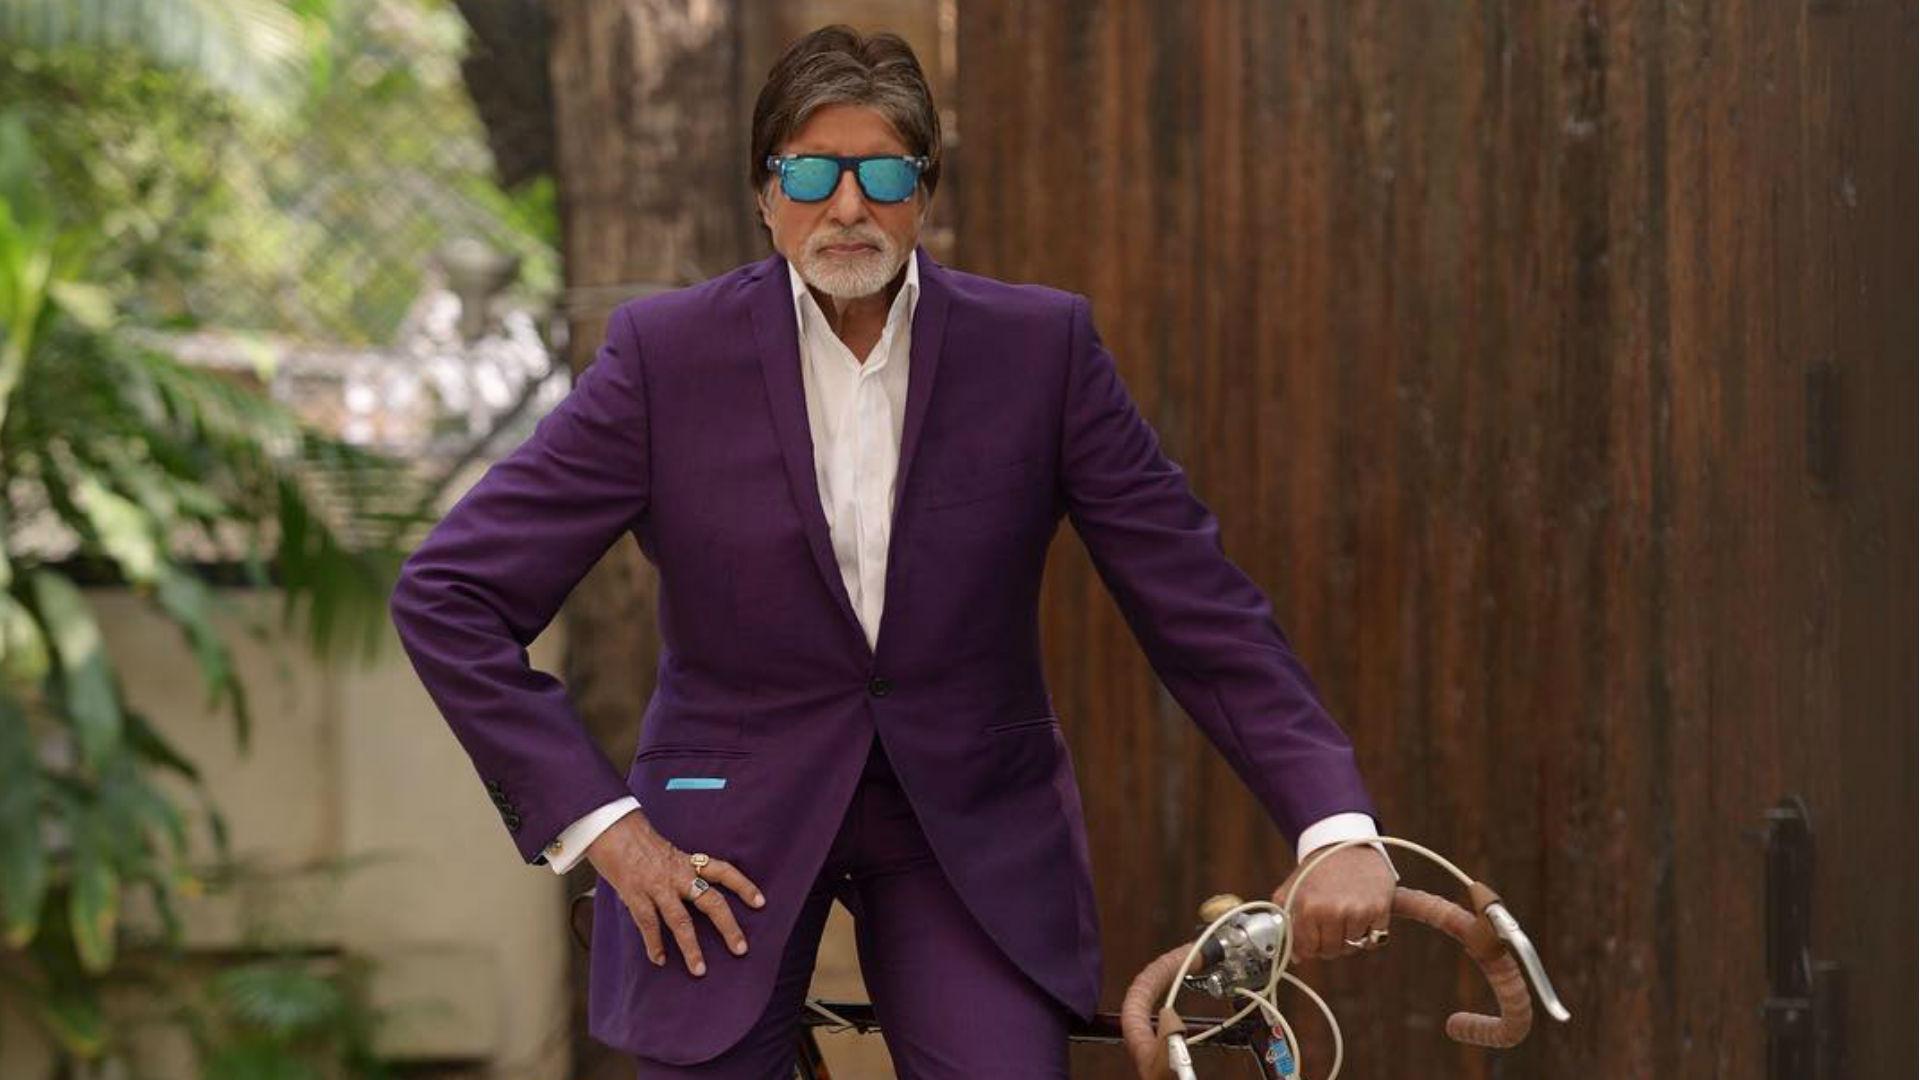 लंदन में भेलपुरी बेच रहे विदेशी का वीडियो सोशल मीडिया पर वायरल, अमिताभ बच्चन ने किया मजेदार कमेंट